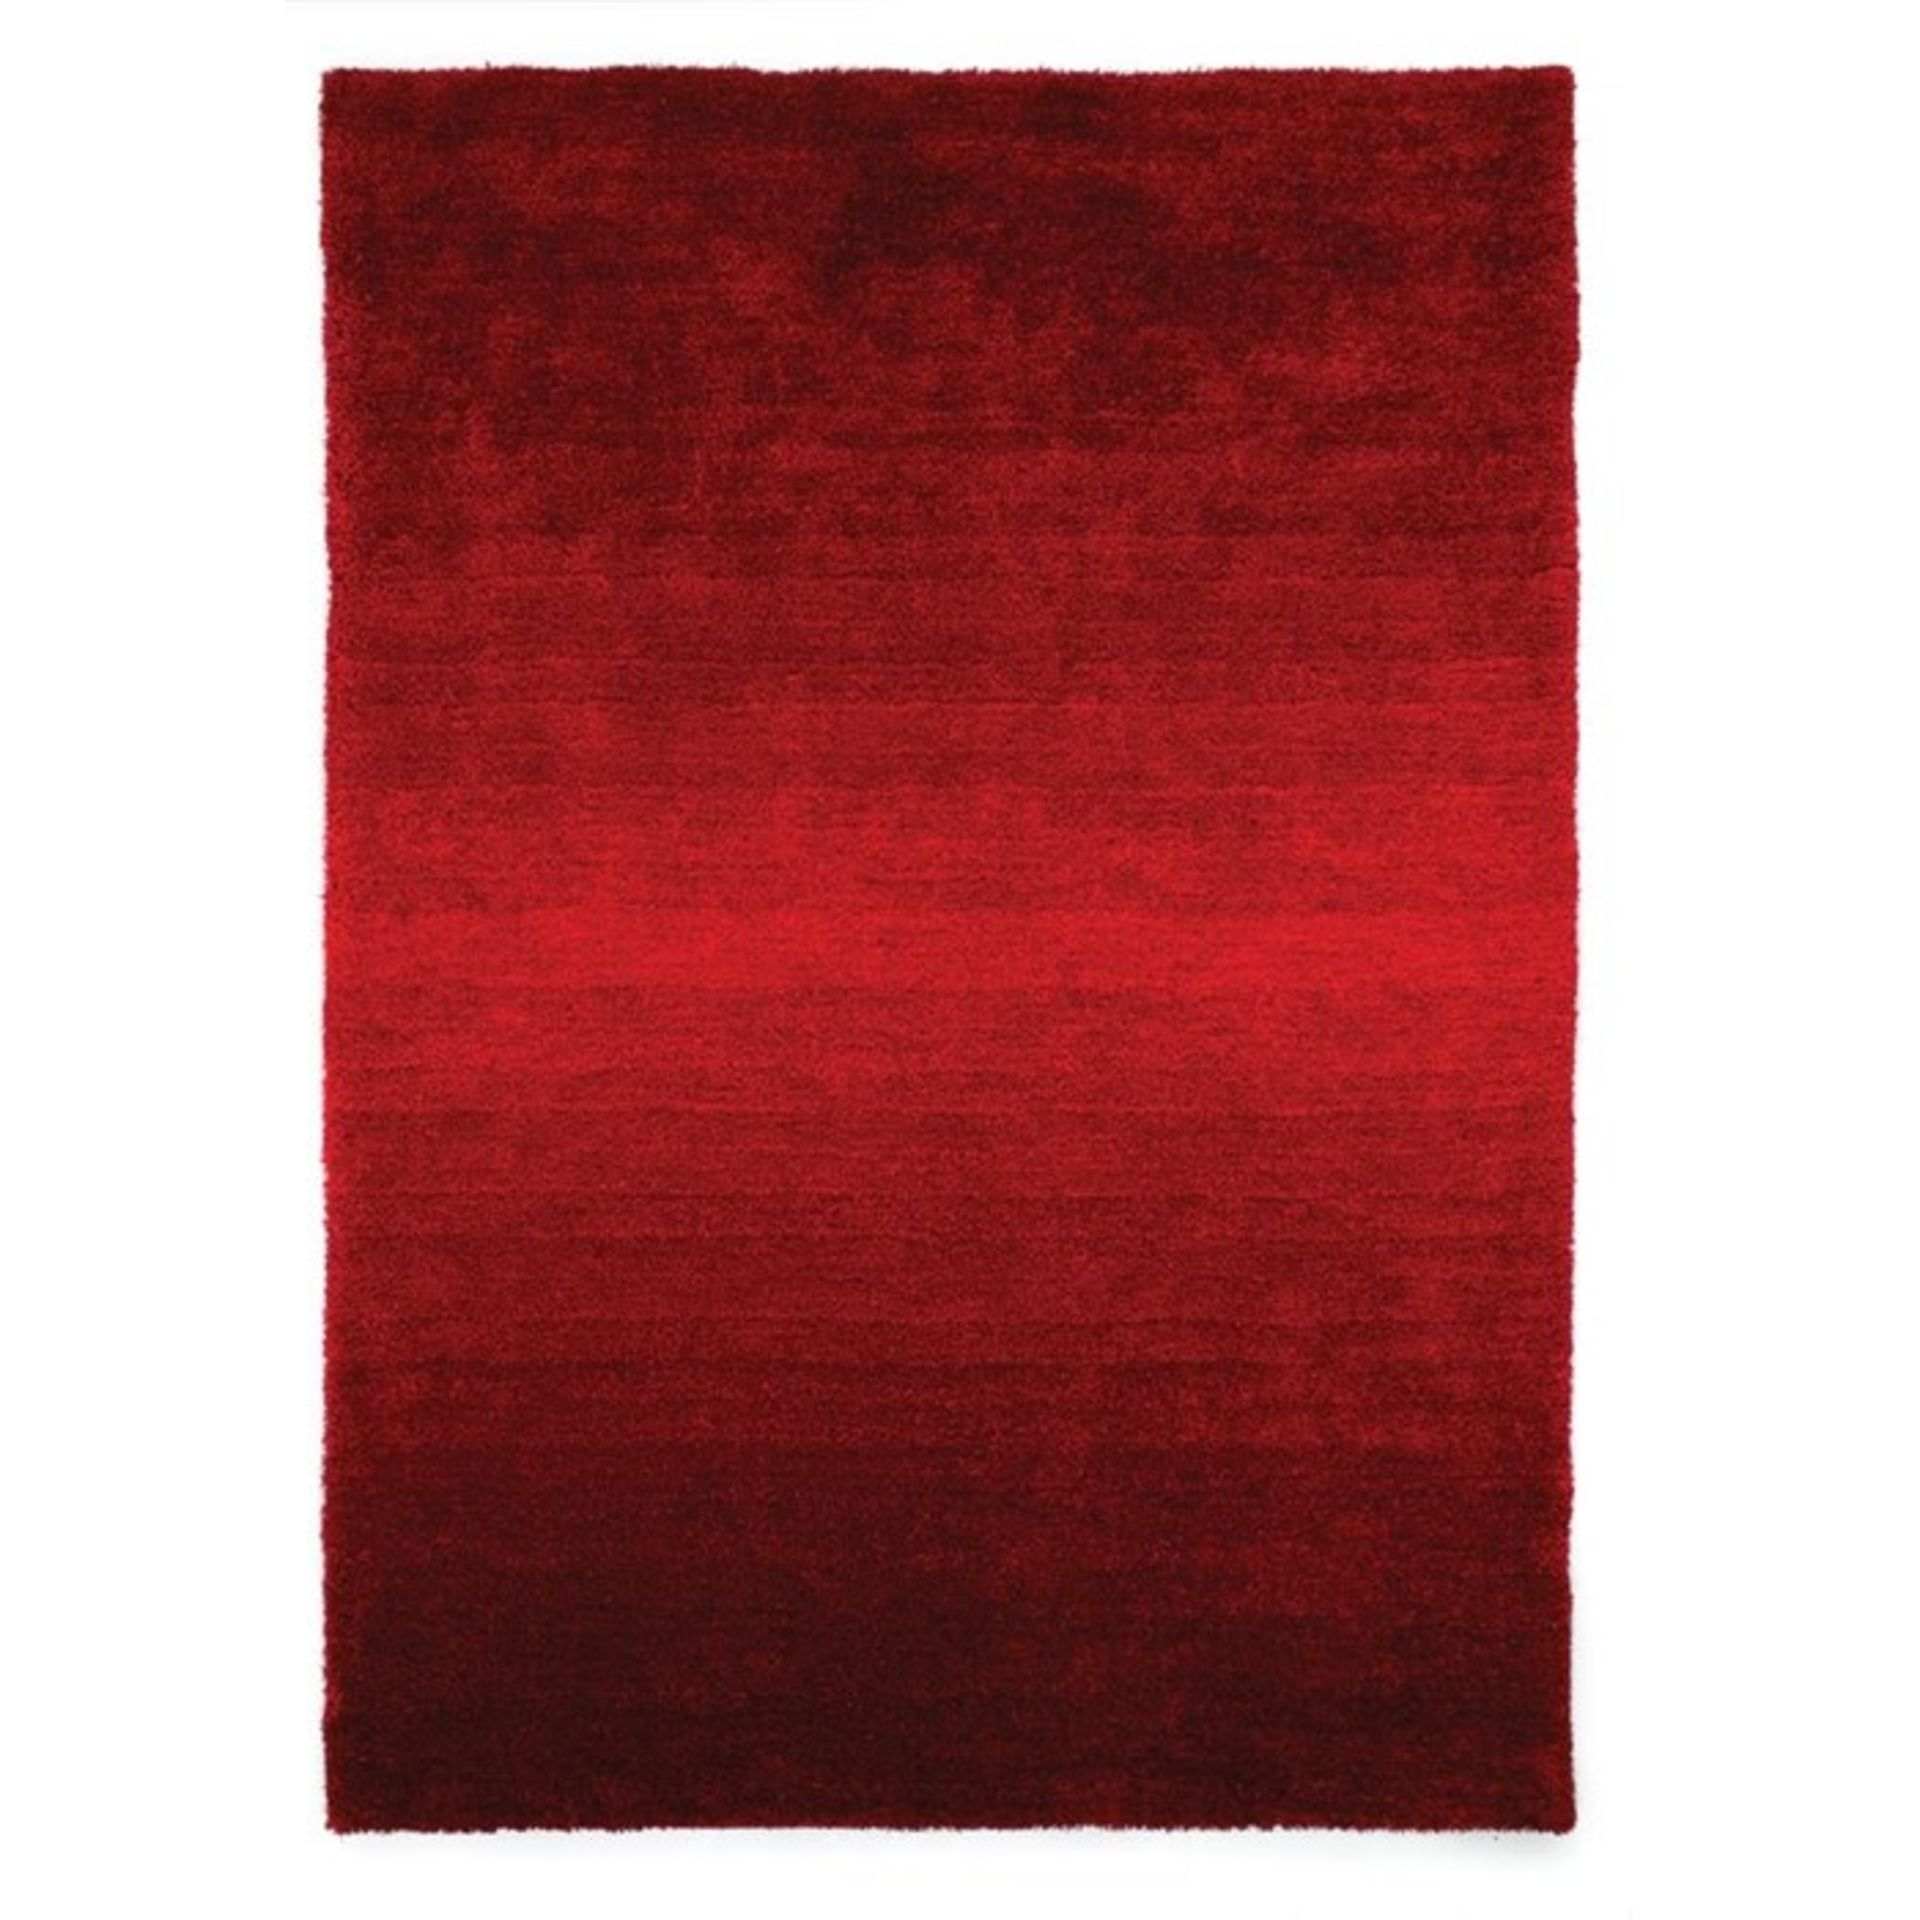 Longweave,Bozart Red Rug (120X170CM)RRP -£ 39.99(18267/25 -LOWV1026)